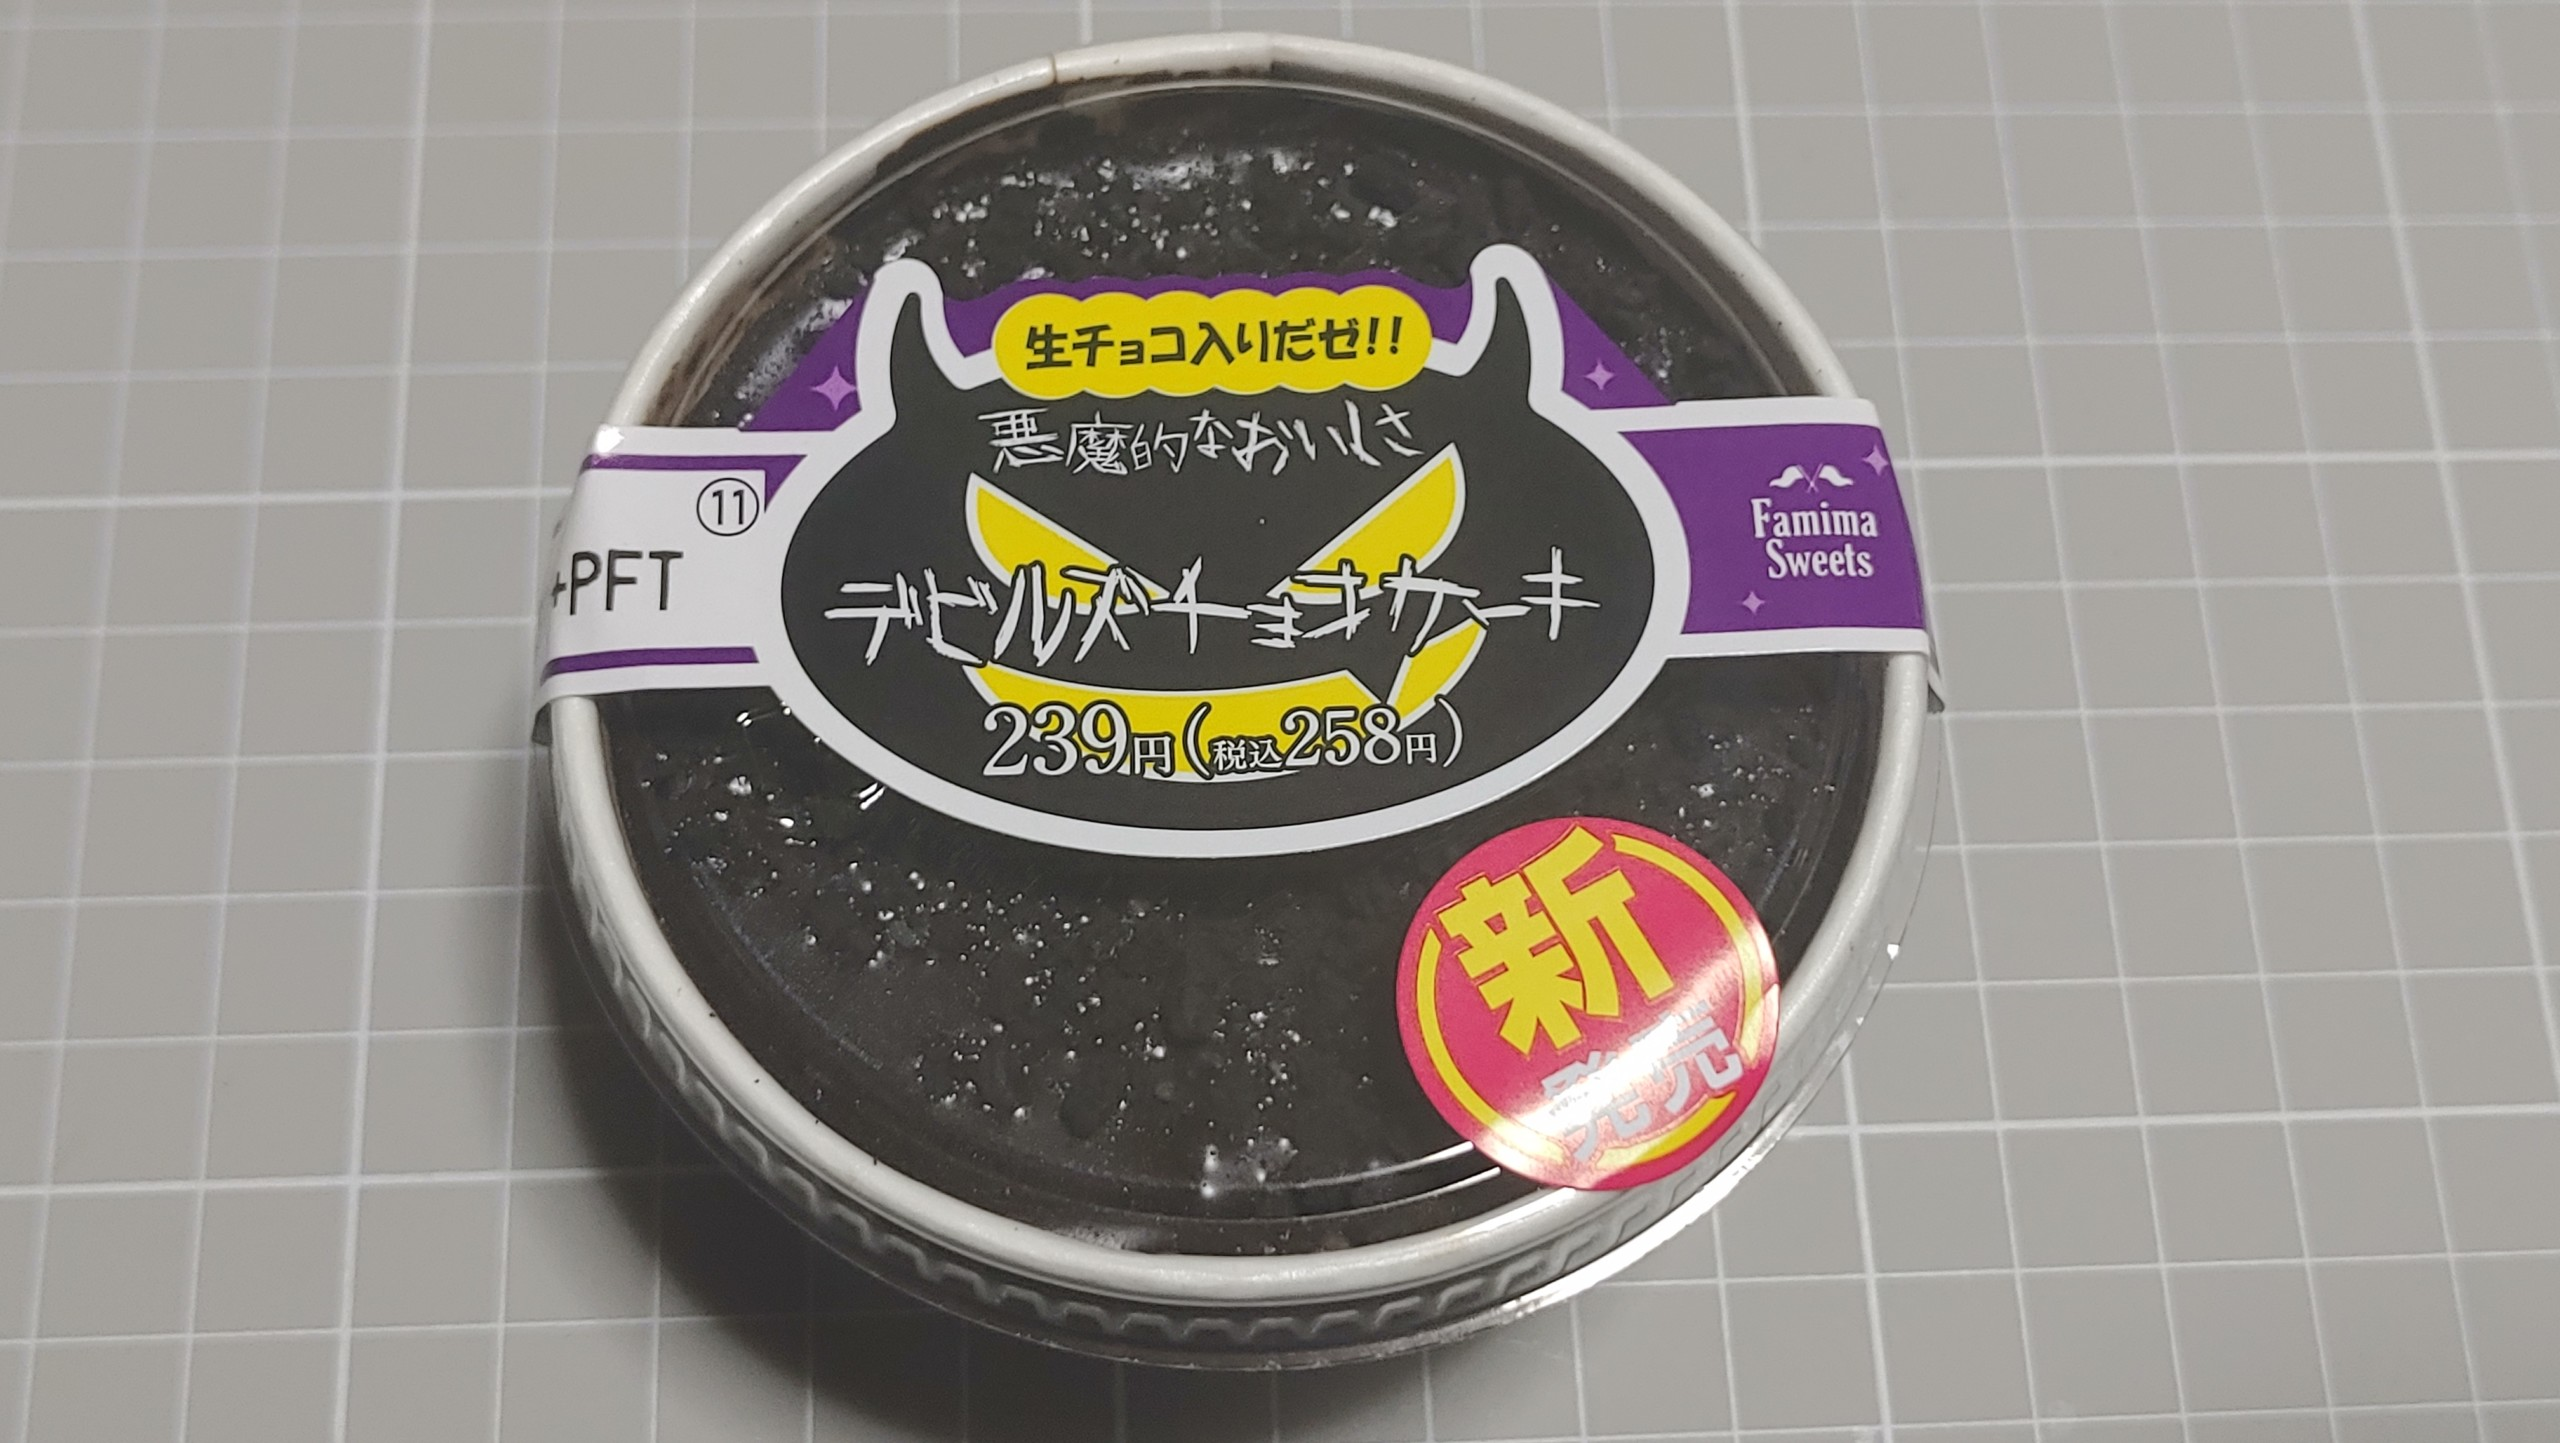 ファミリーマートのFamima Sweets デビルズチョコケーキ